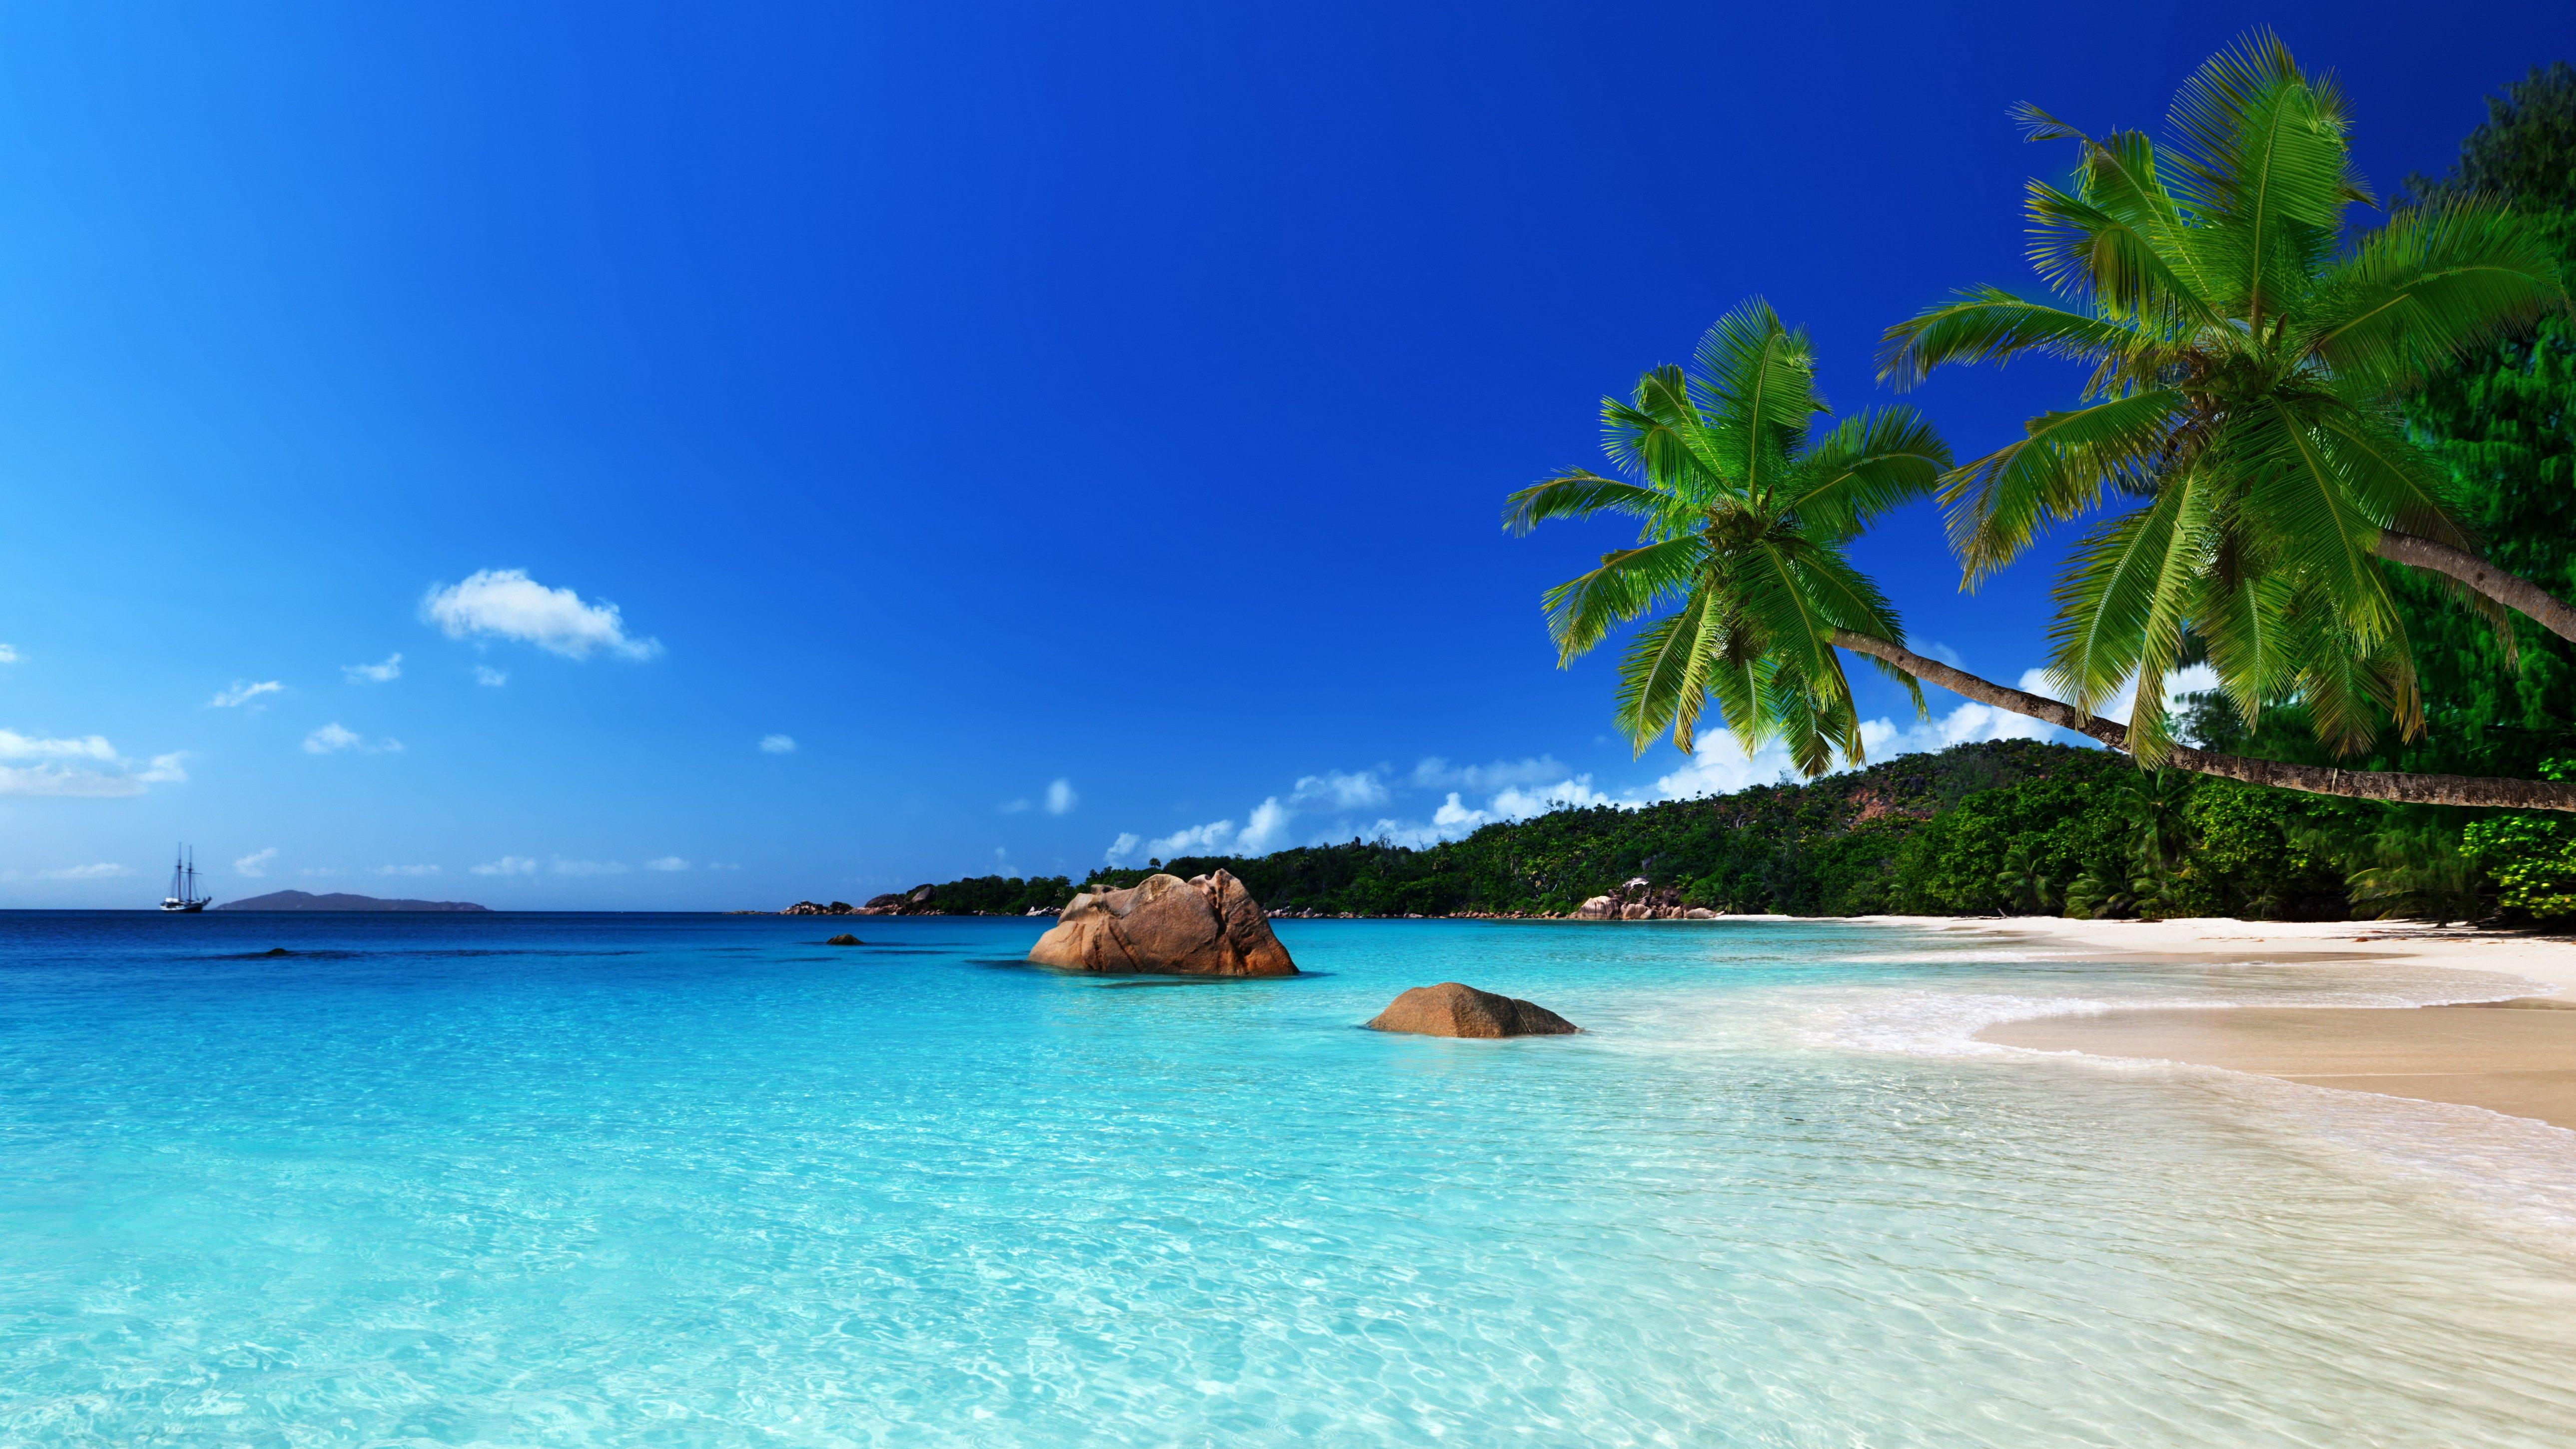 tropical paradise beach ocean sea palm summer coast wallpaper 5156x2900